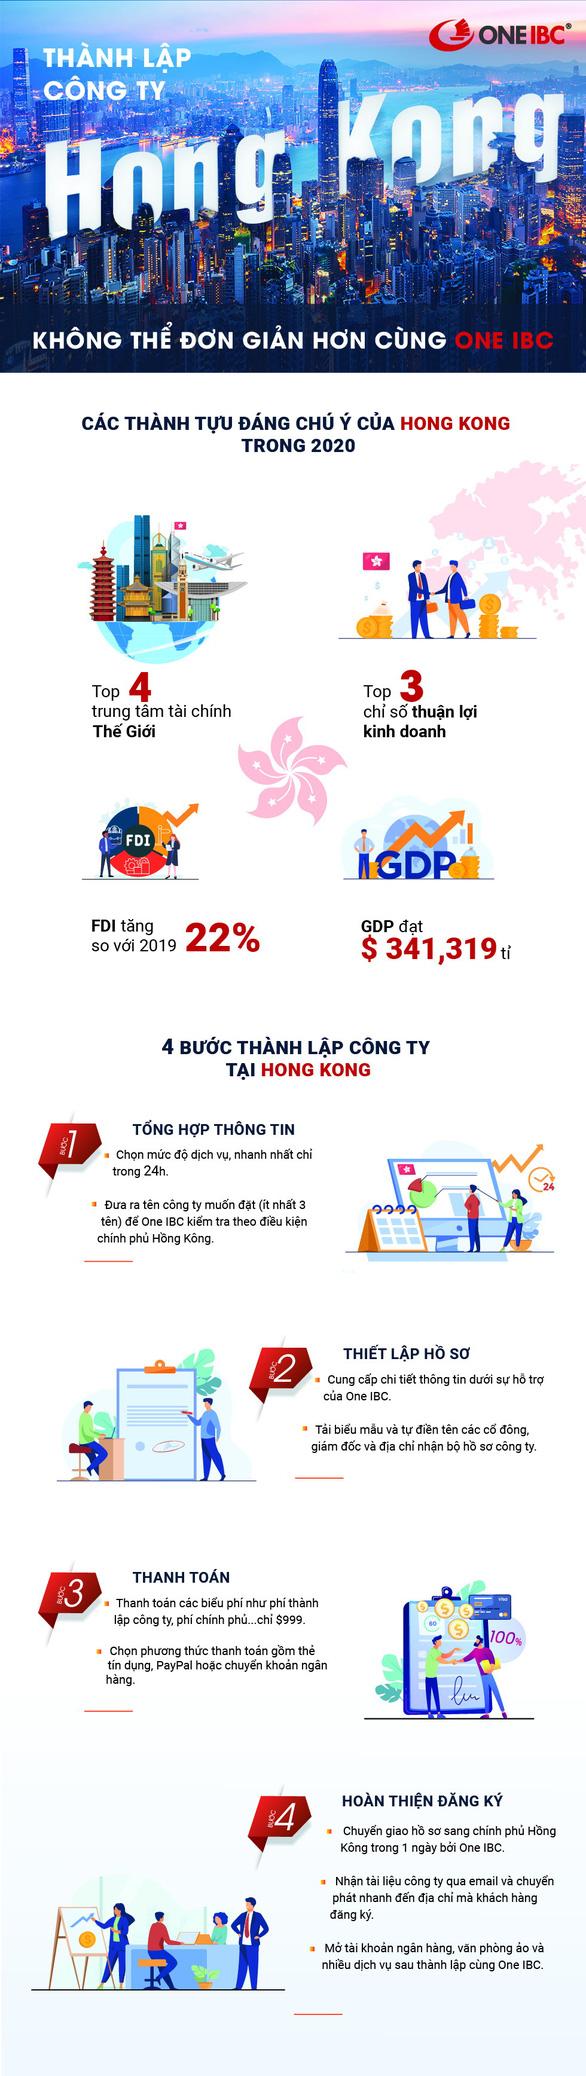 Thành lập công ty tại Hong Kong: Không thể đơn giản hơn cùng One IBC - Ảnh 1.